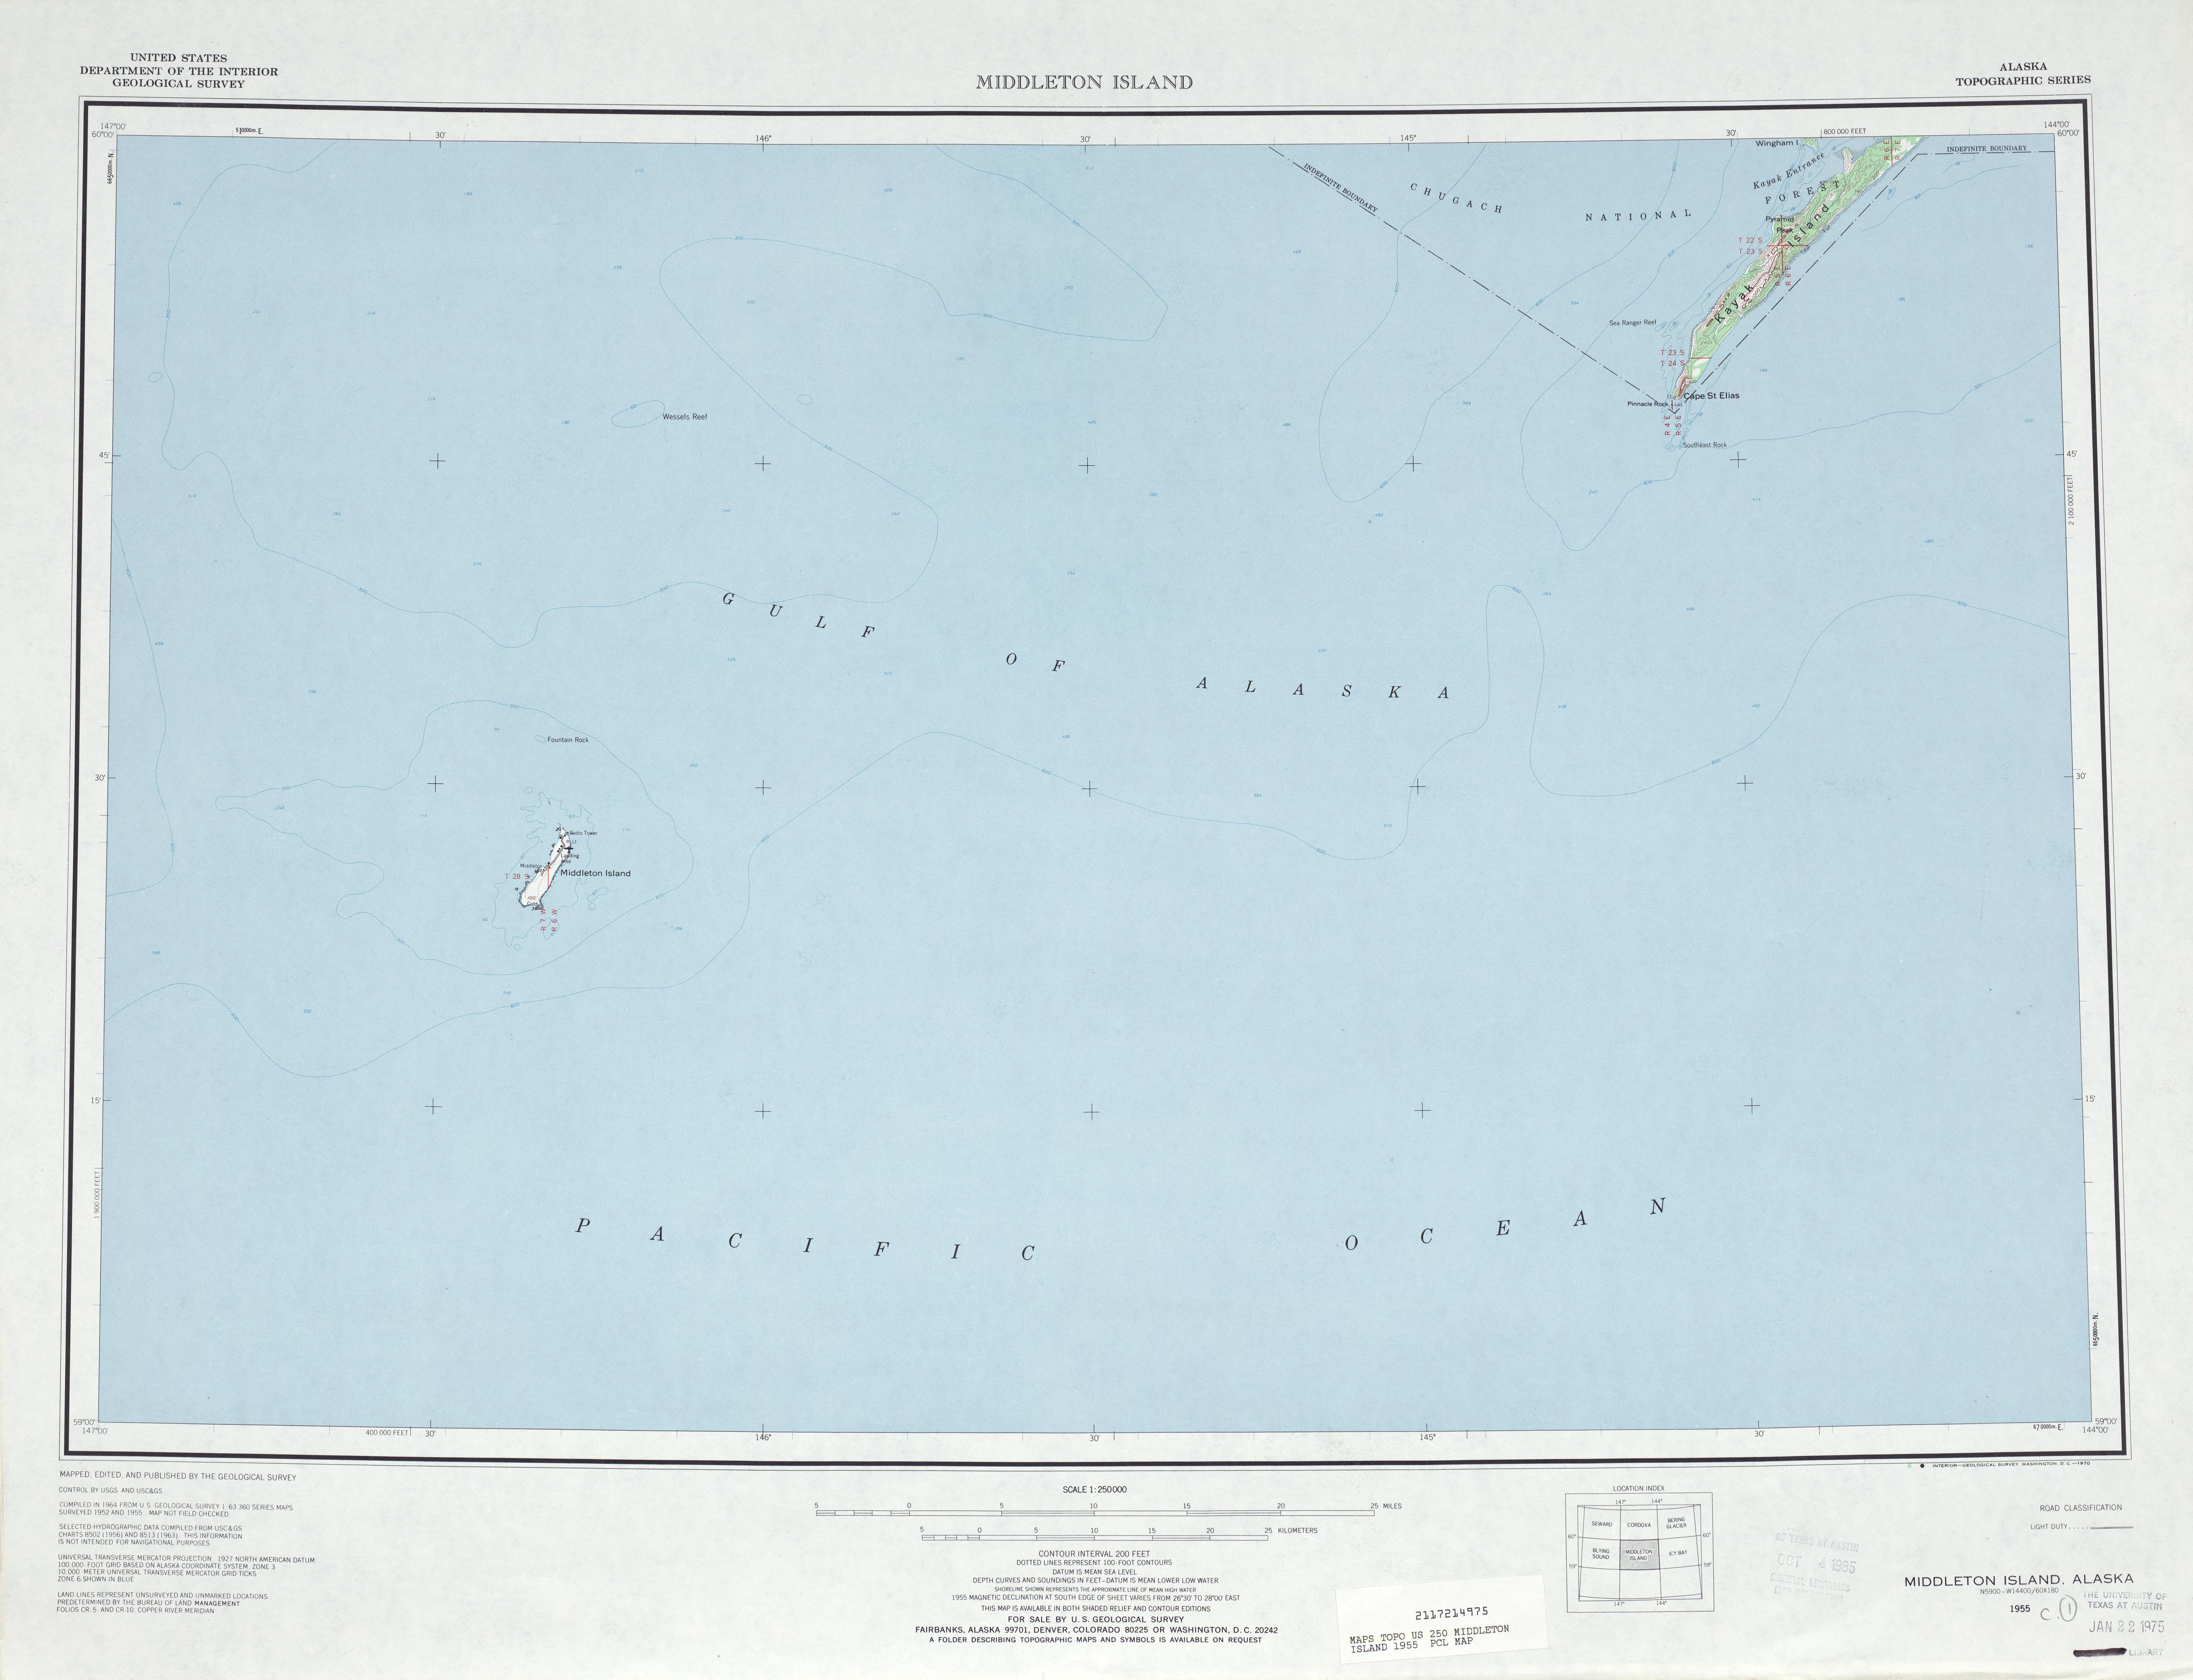 Hoja Middleton Island del Mapa Topográfico de los Estados Unidos 1955